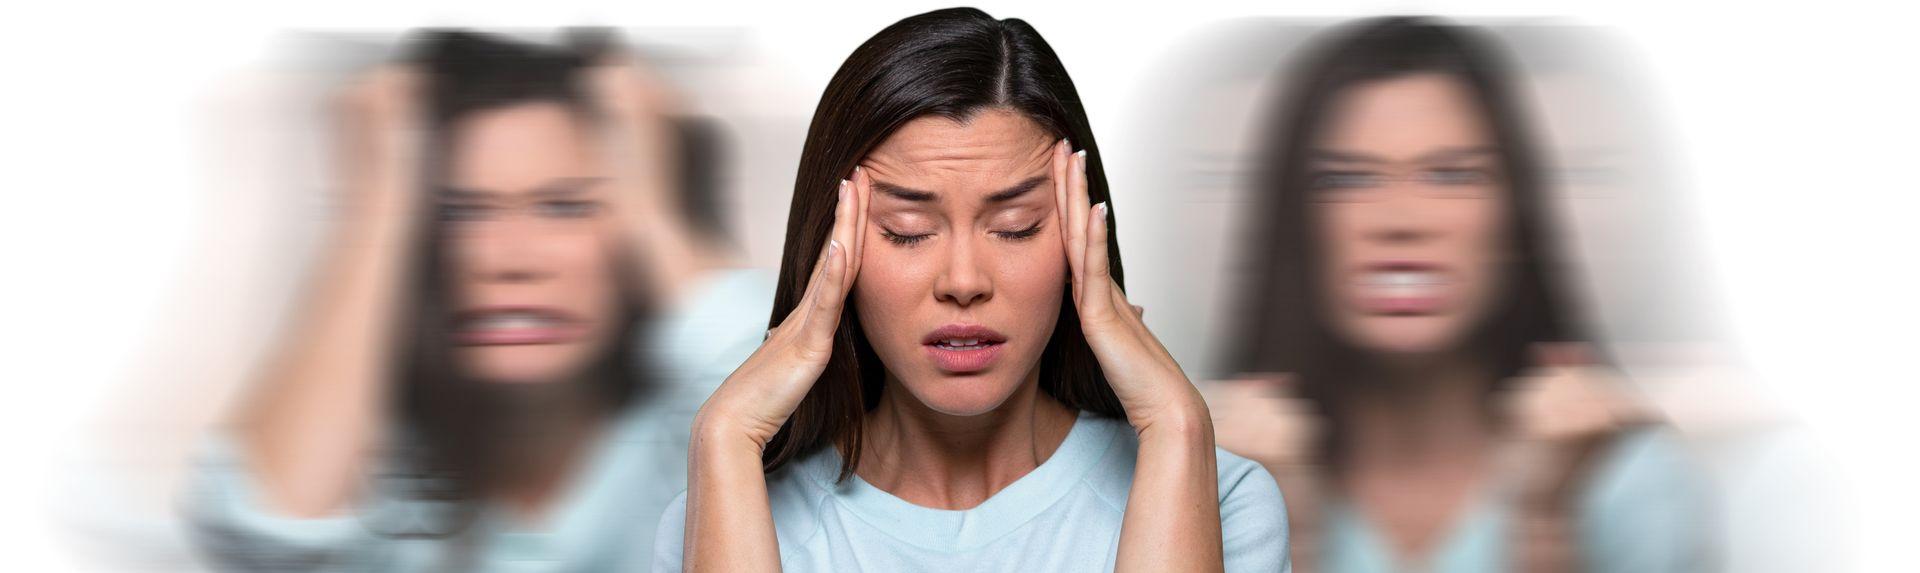 Какие проблемы действительно связаны с женскими гормонами